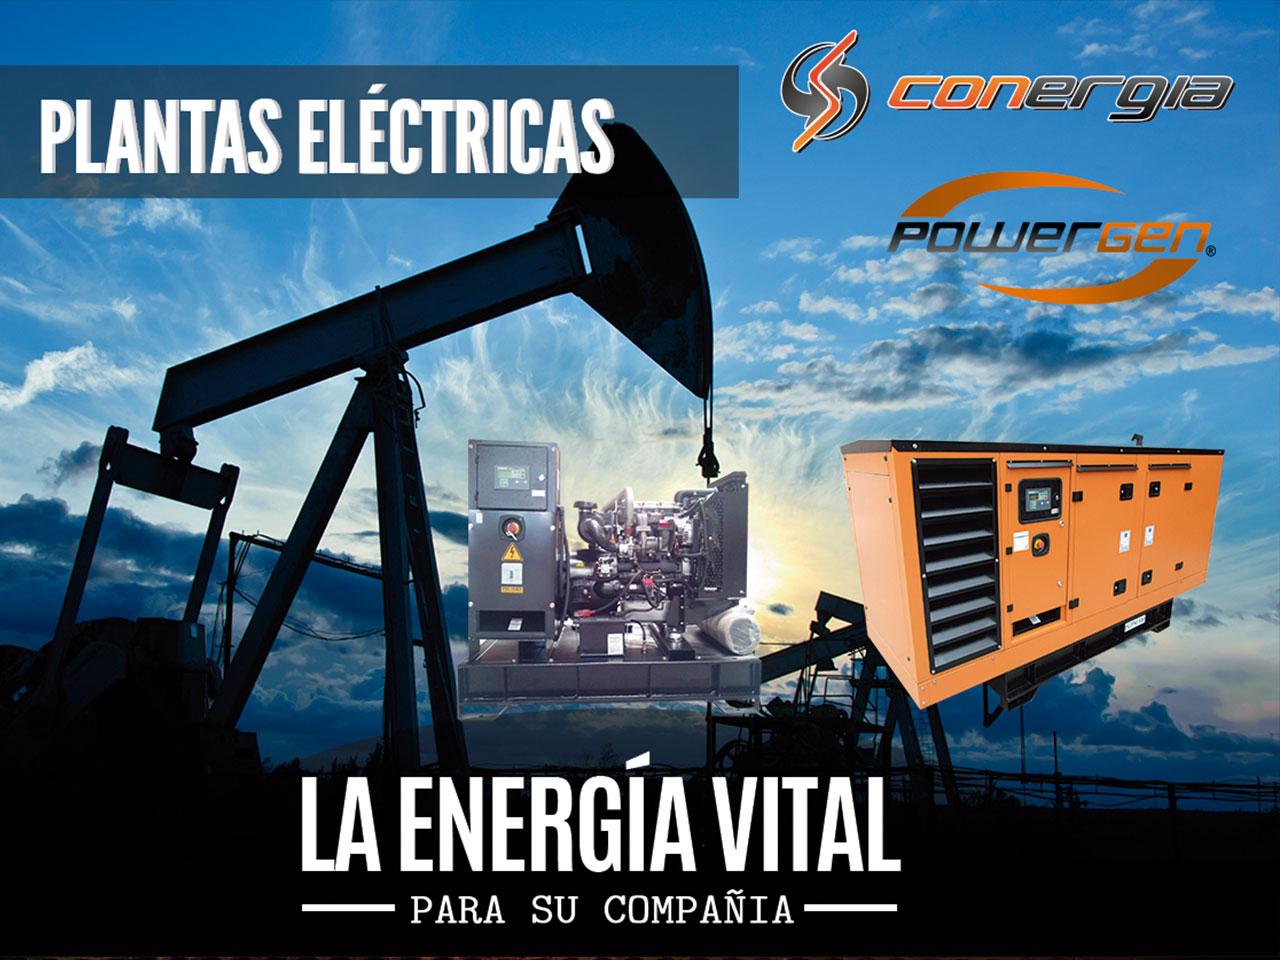 Plantas eléctricas en bogotá colombia